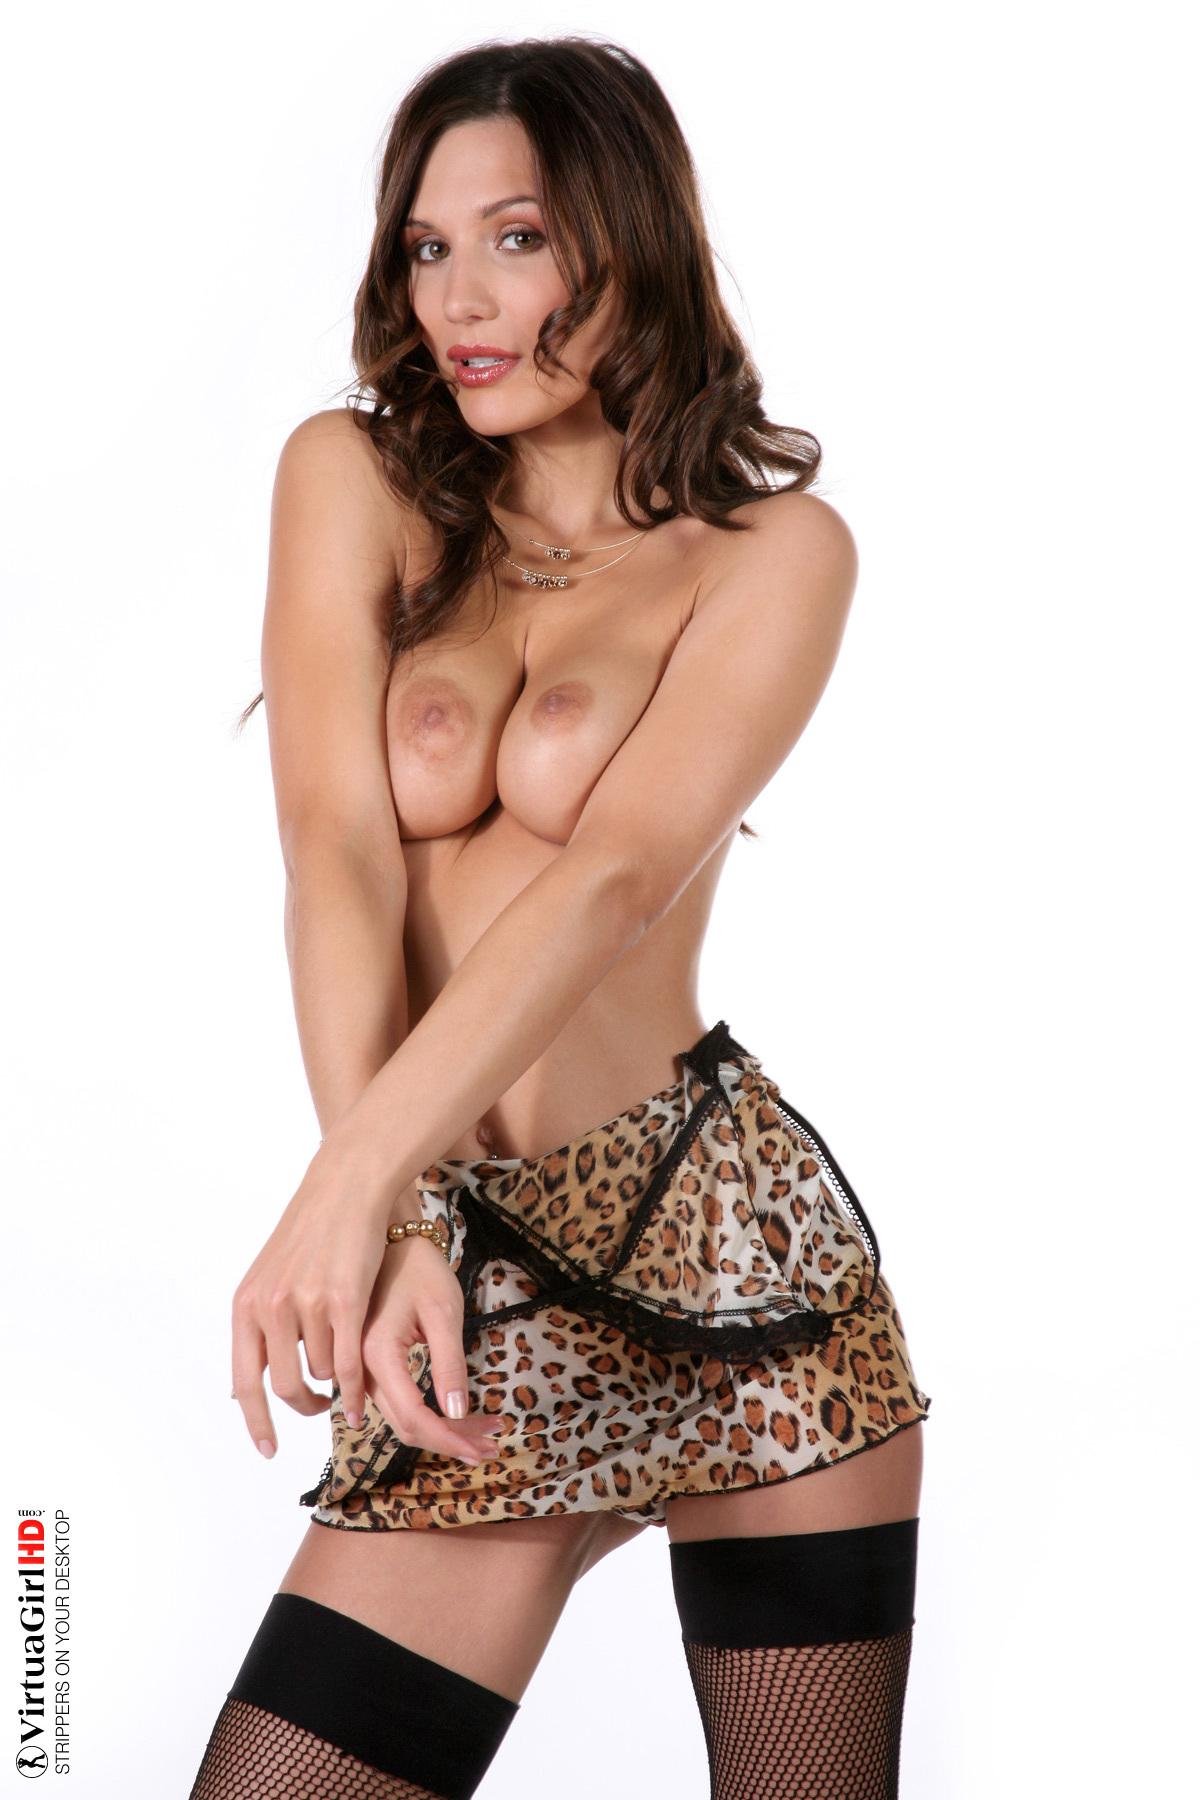 stickam college girls stripping